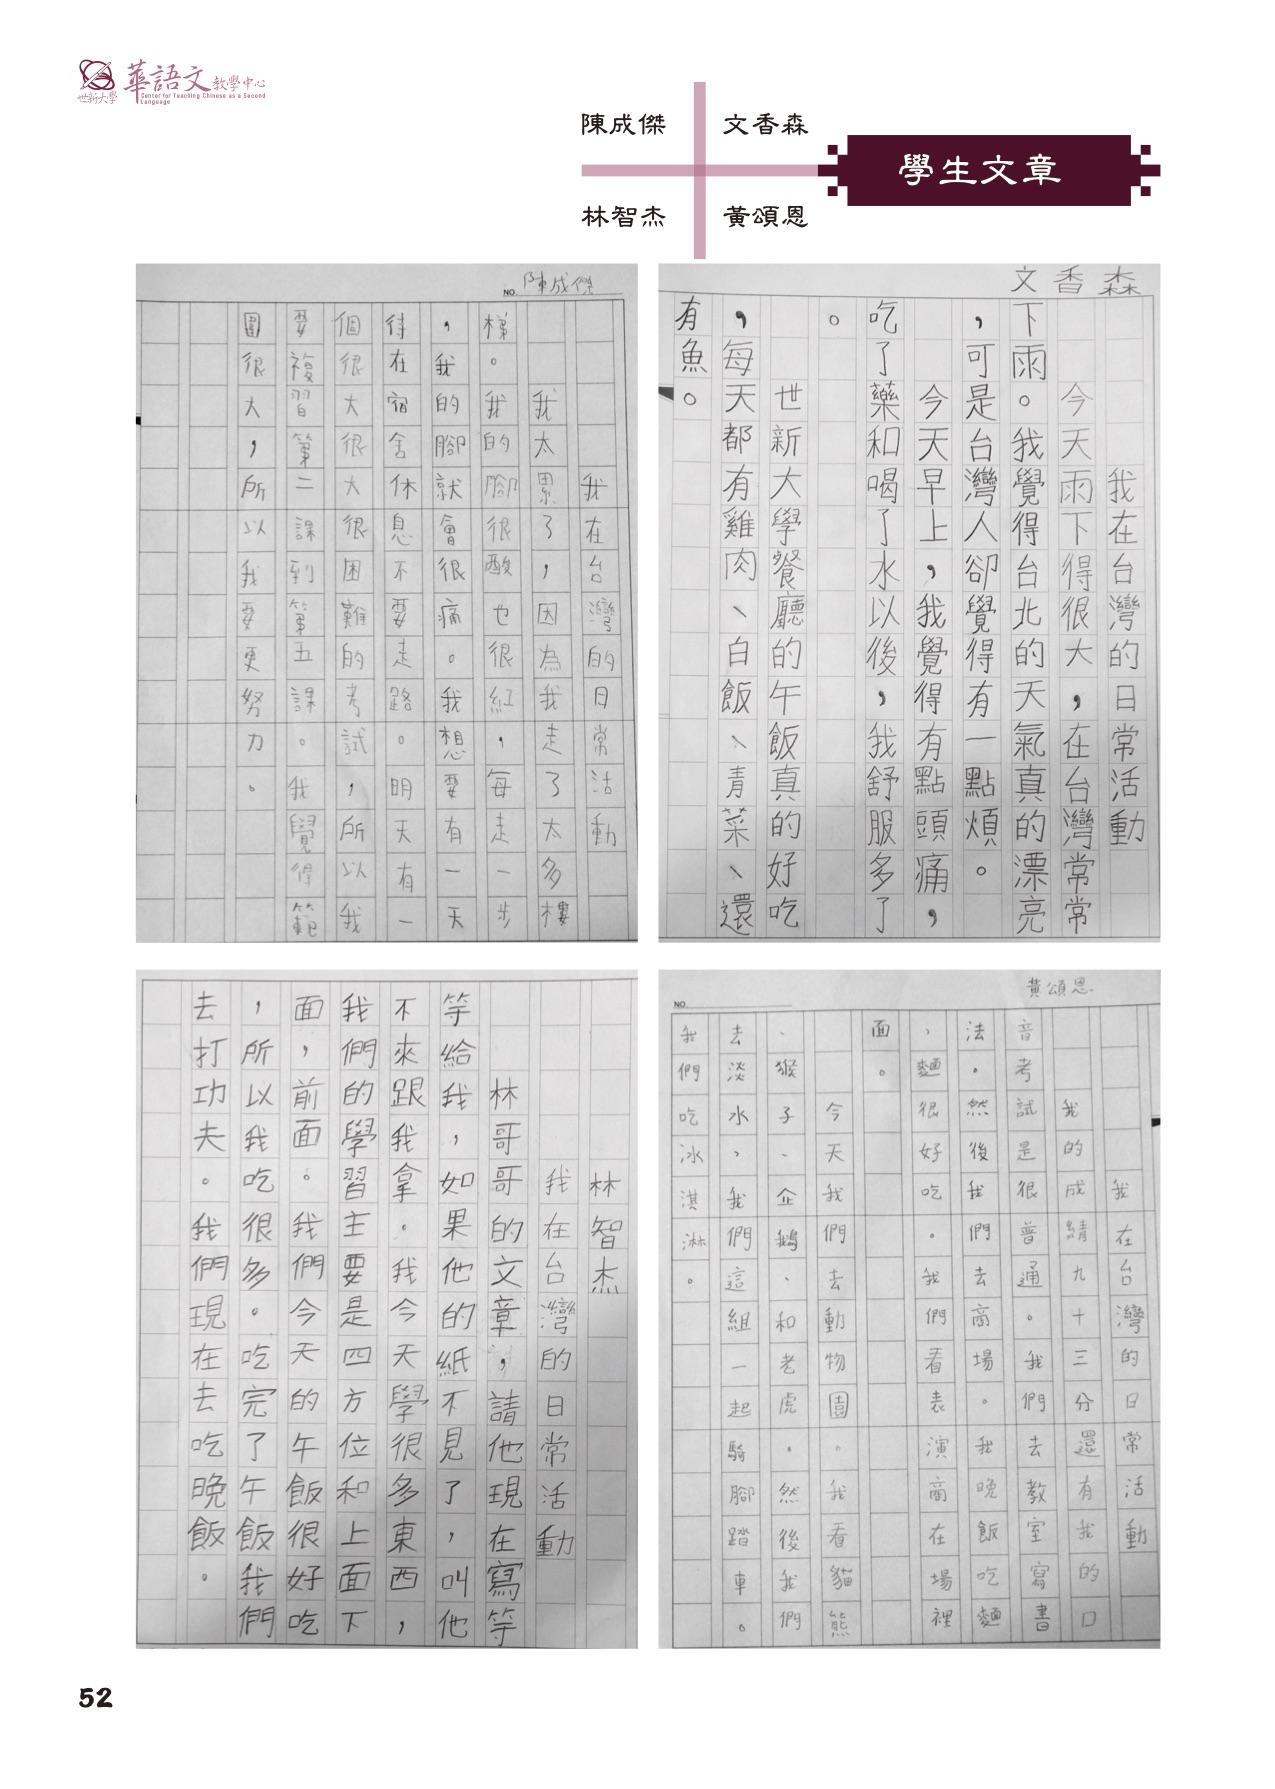 紀念冊內頁_學生作品4